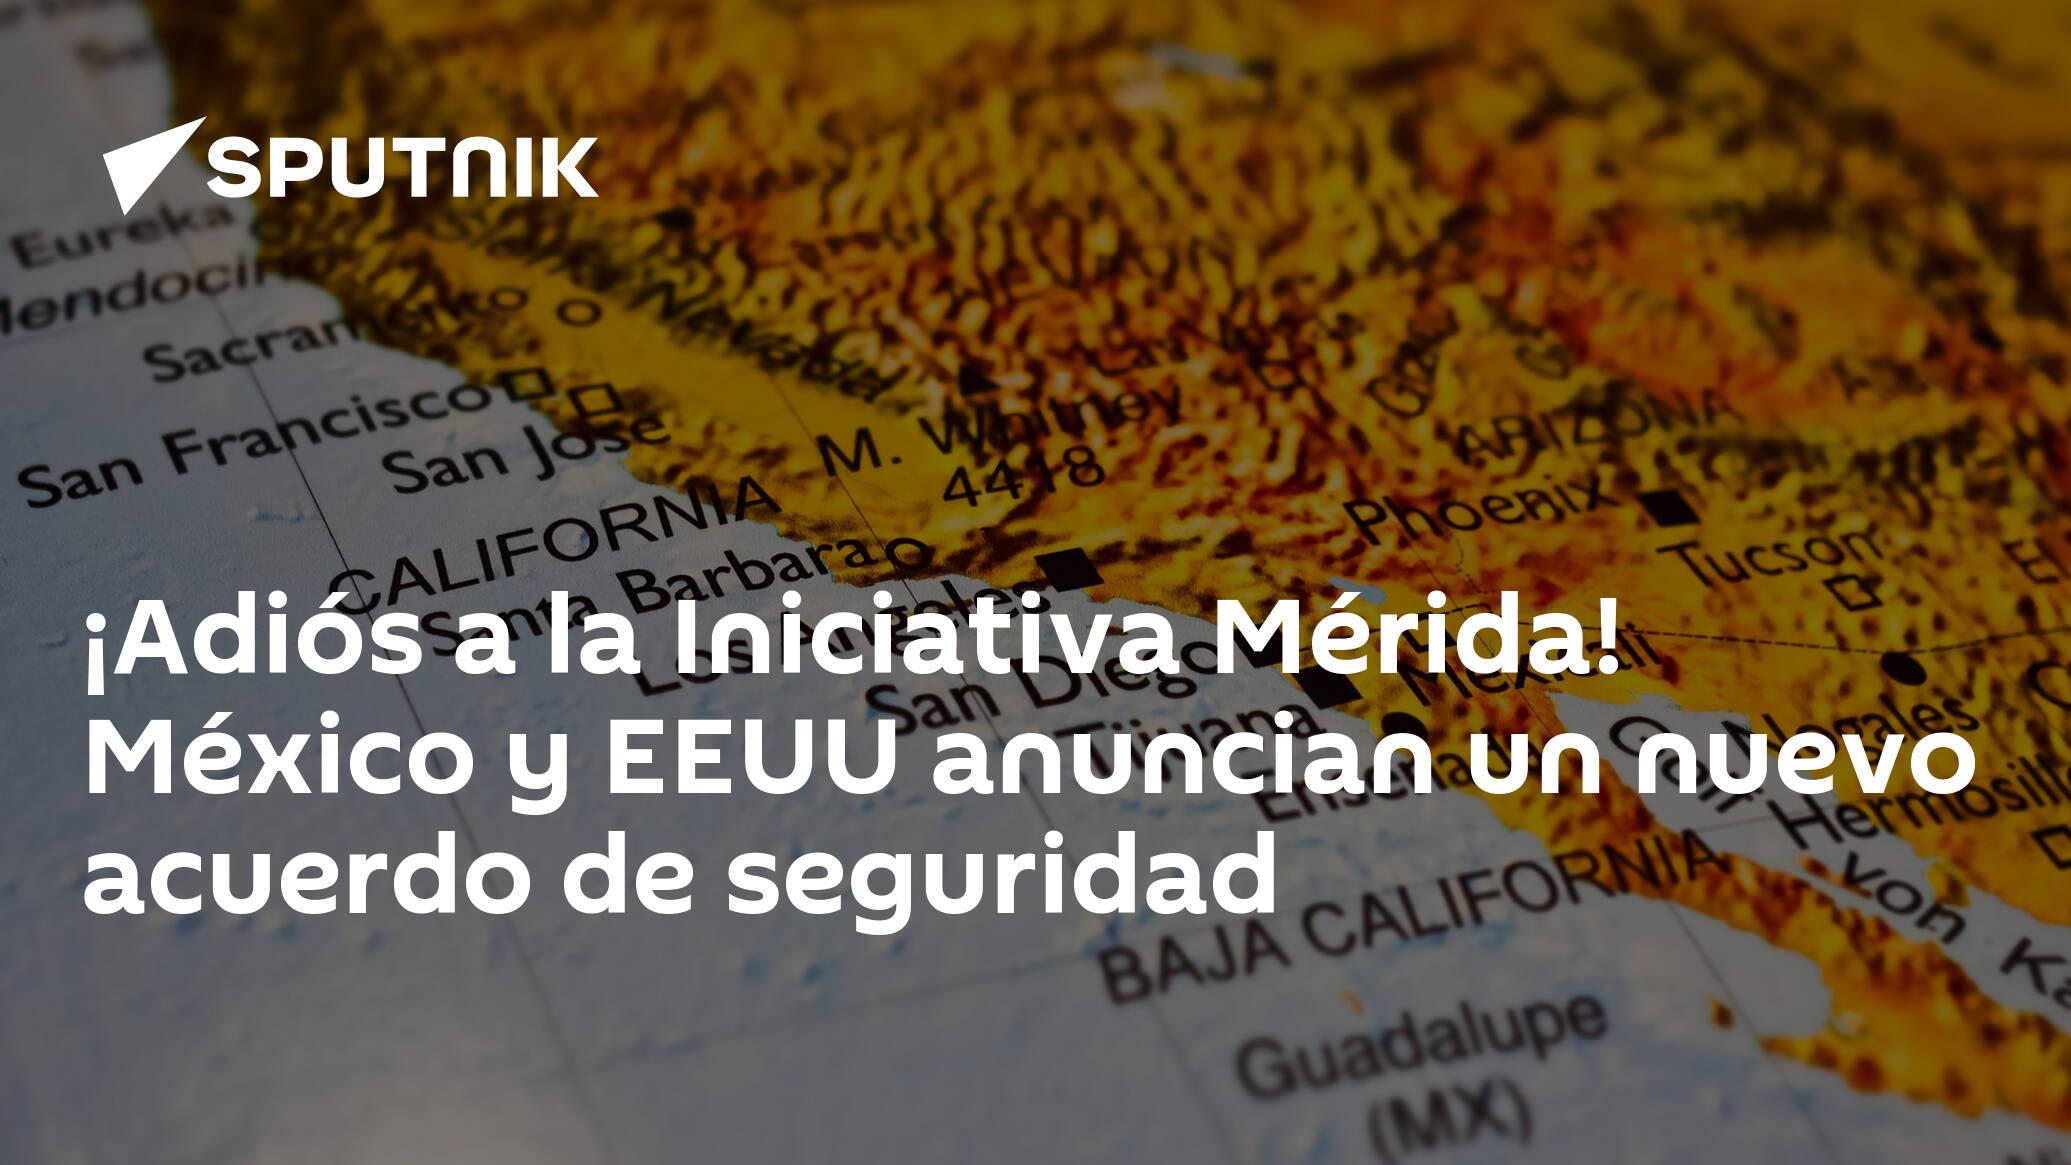 Adiós a la Iniciativa Mérida! México y EEUU anuncian un nuevo acuerdo de  seguridad - 28.09.2021, Sputnik Mundo